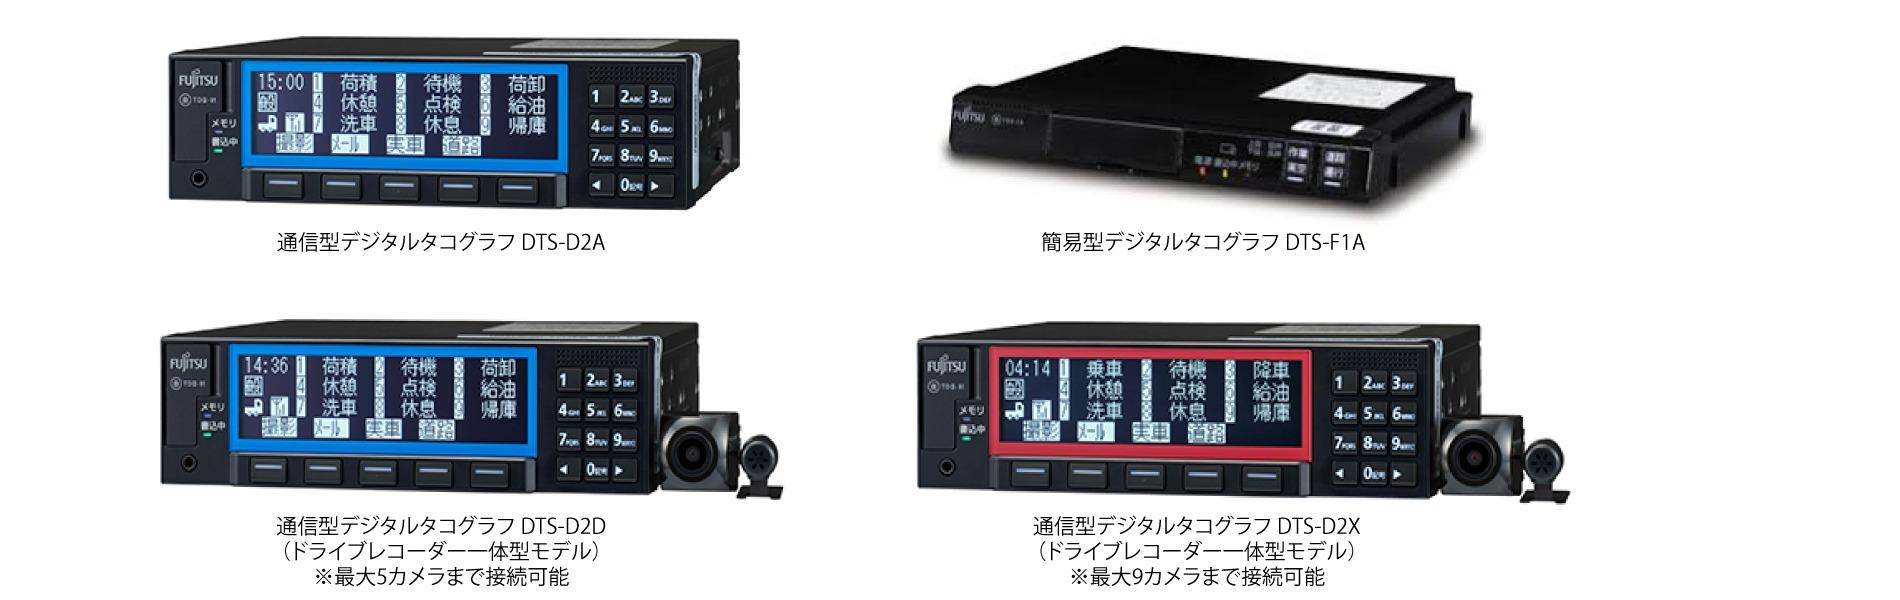 オフィス・タニグチでは富士通のクラウド型デジタルタコグラフを扱っております。